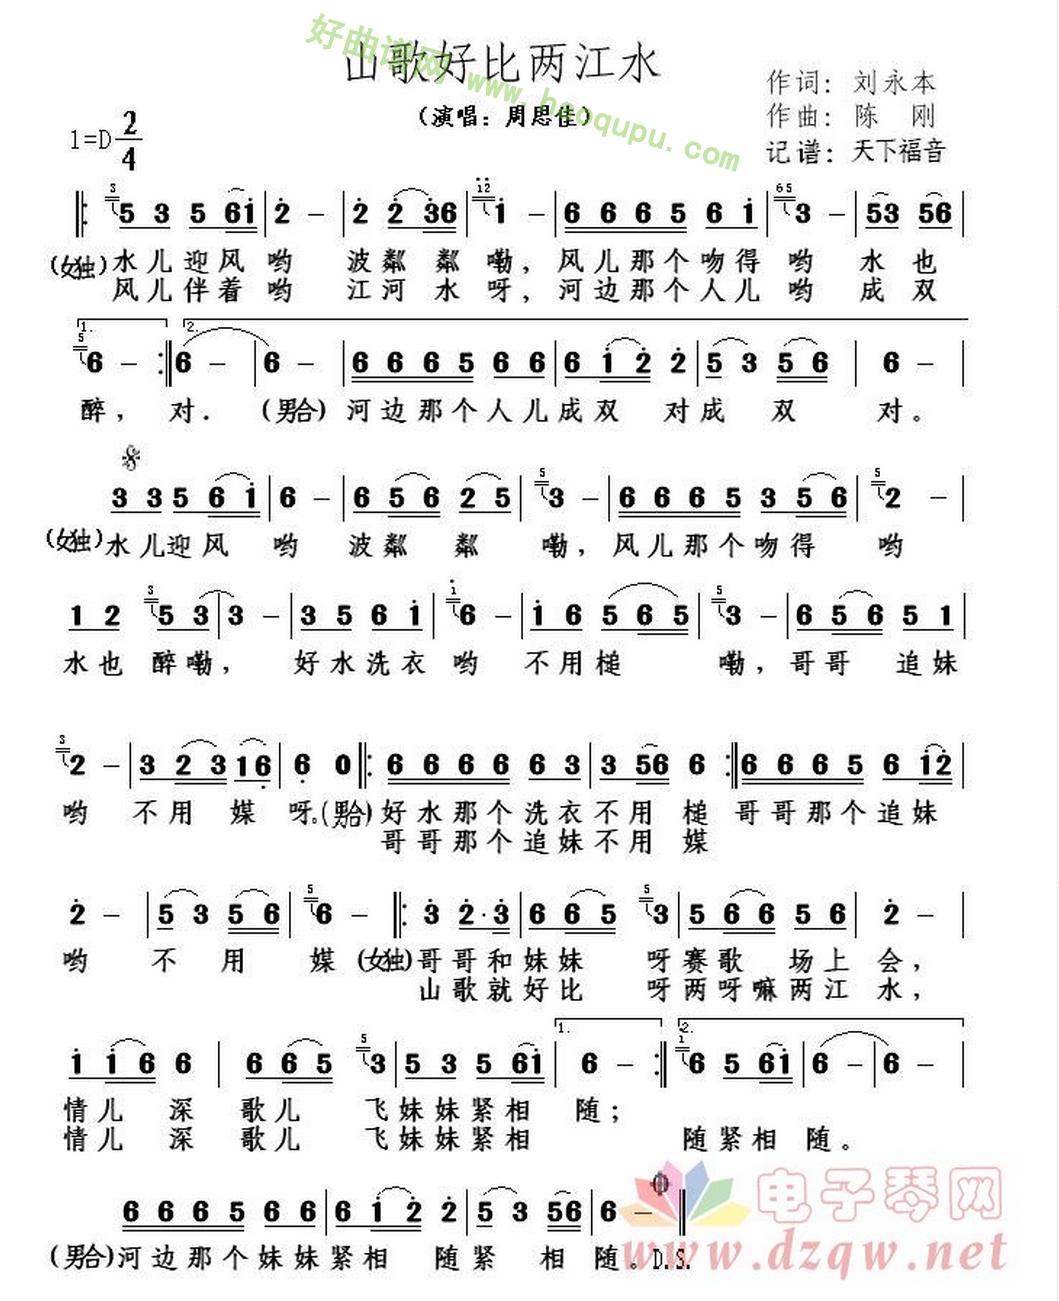 《山歌好比两江水》 电子琴简谱第1张